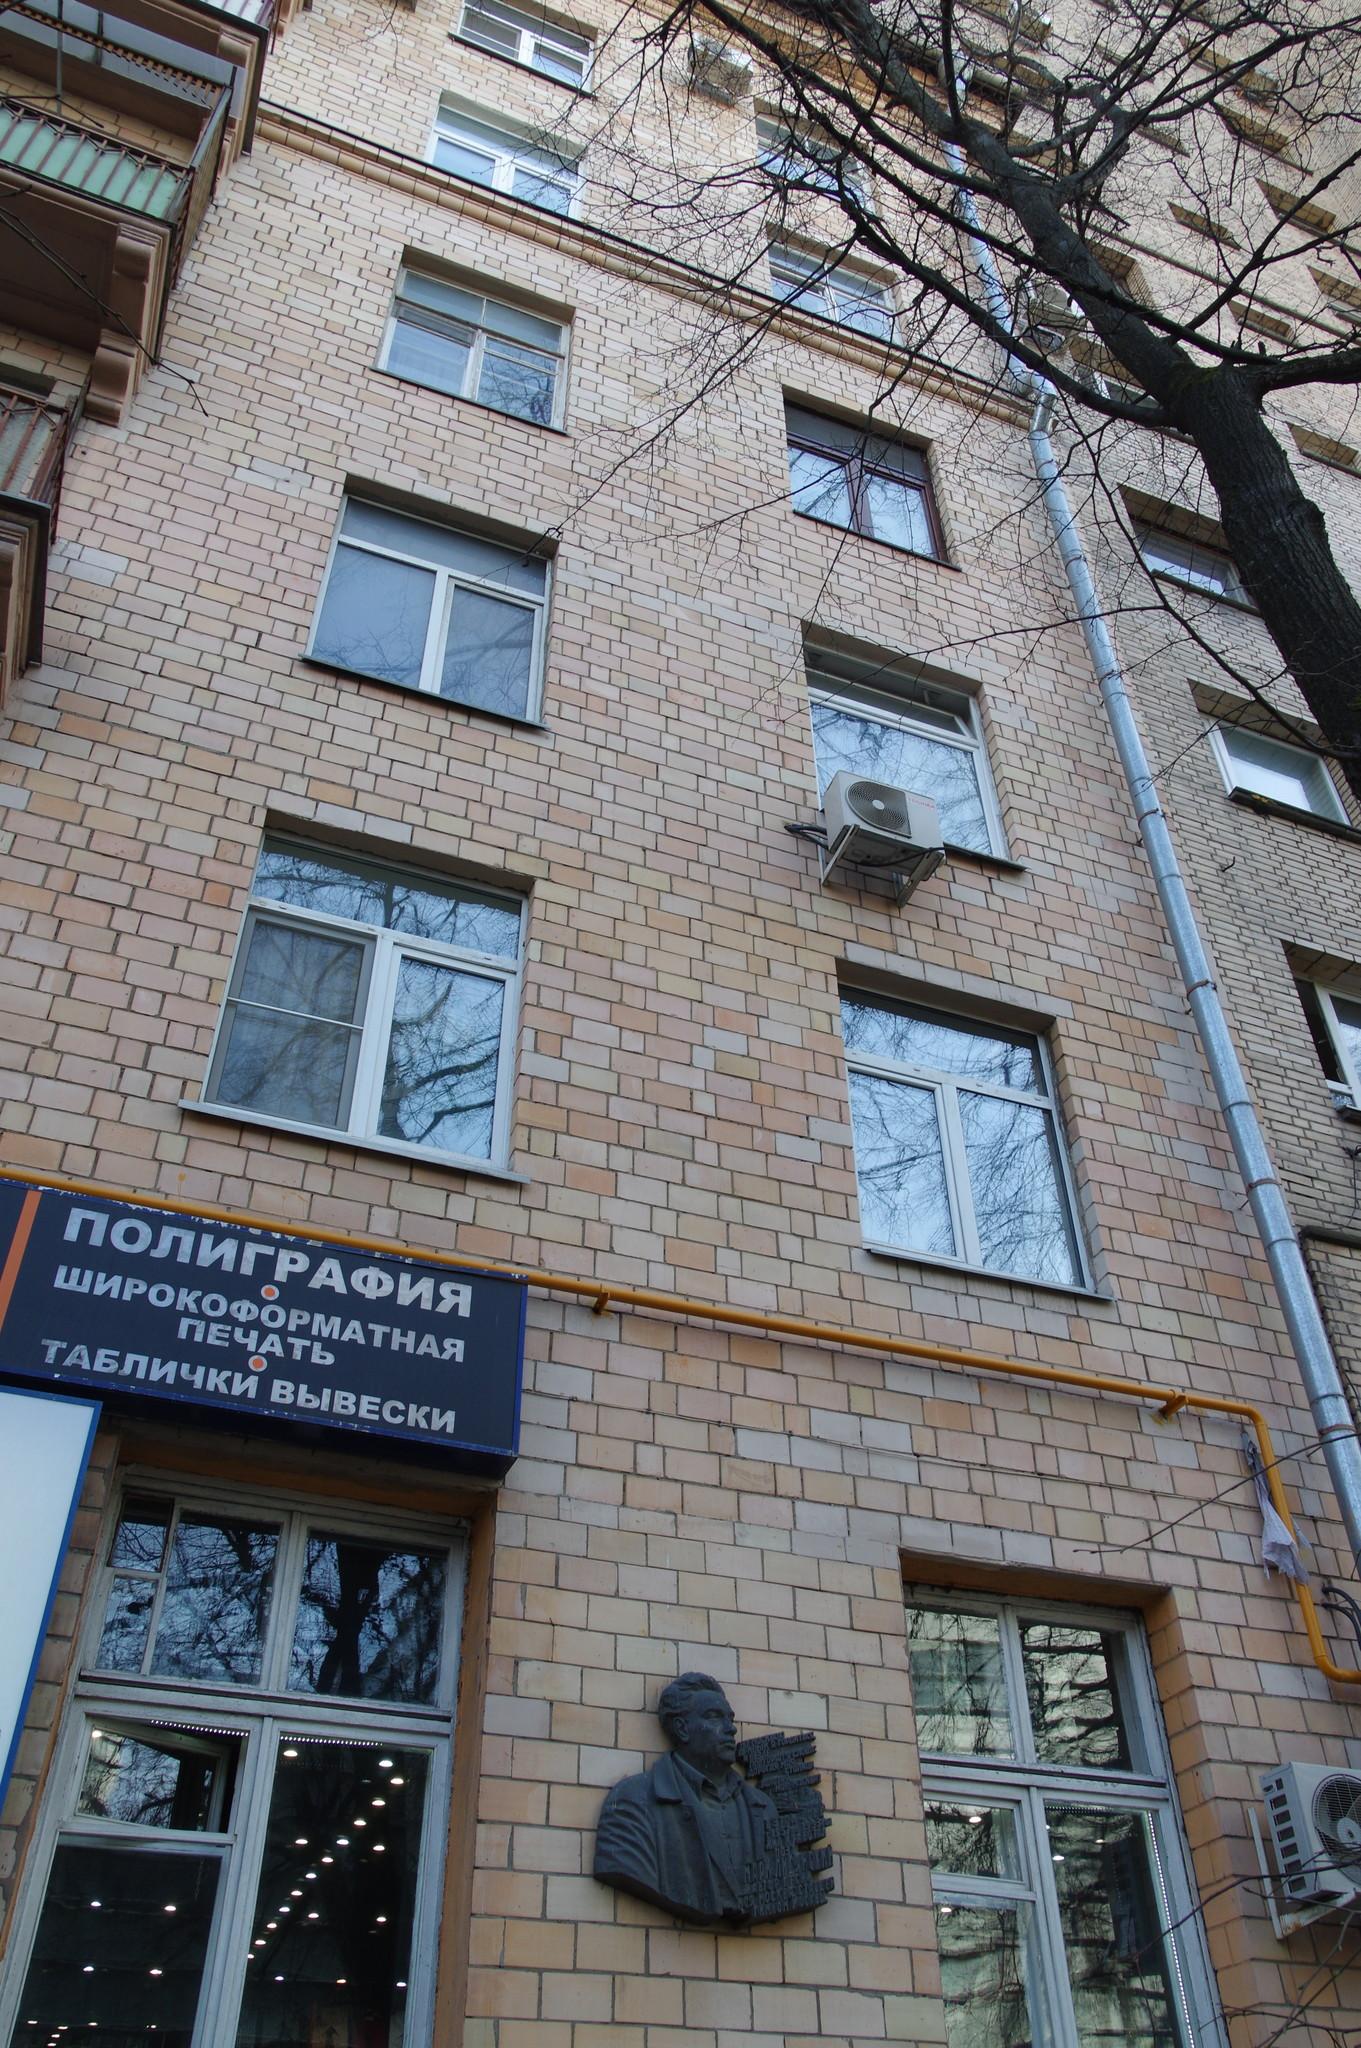 Мемориальная доска в память об ветеране Великой Отечественной войны Марке Лисянском установлена под окнами квартиры поэта по адресу Москва, ул. Черняховского, дом 4 - ЖСК «Московский писатель»